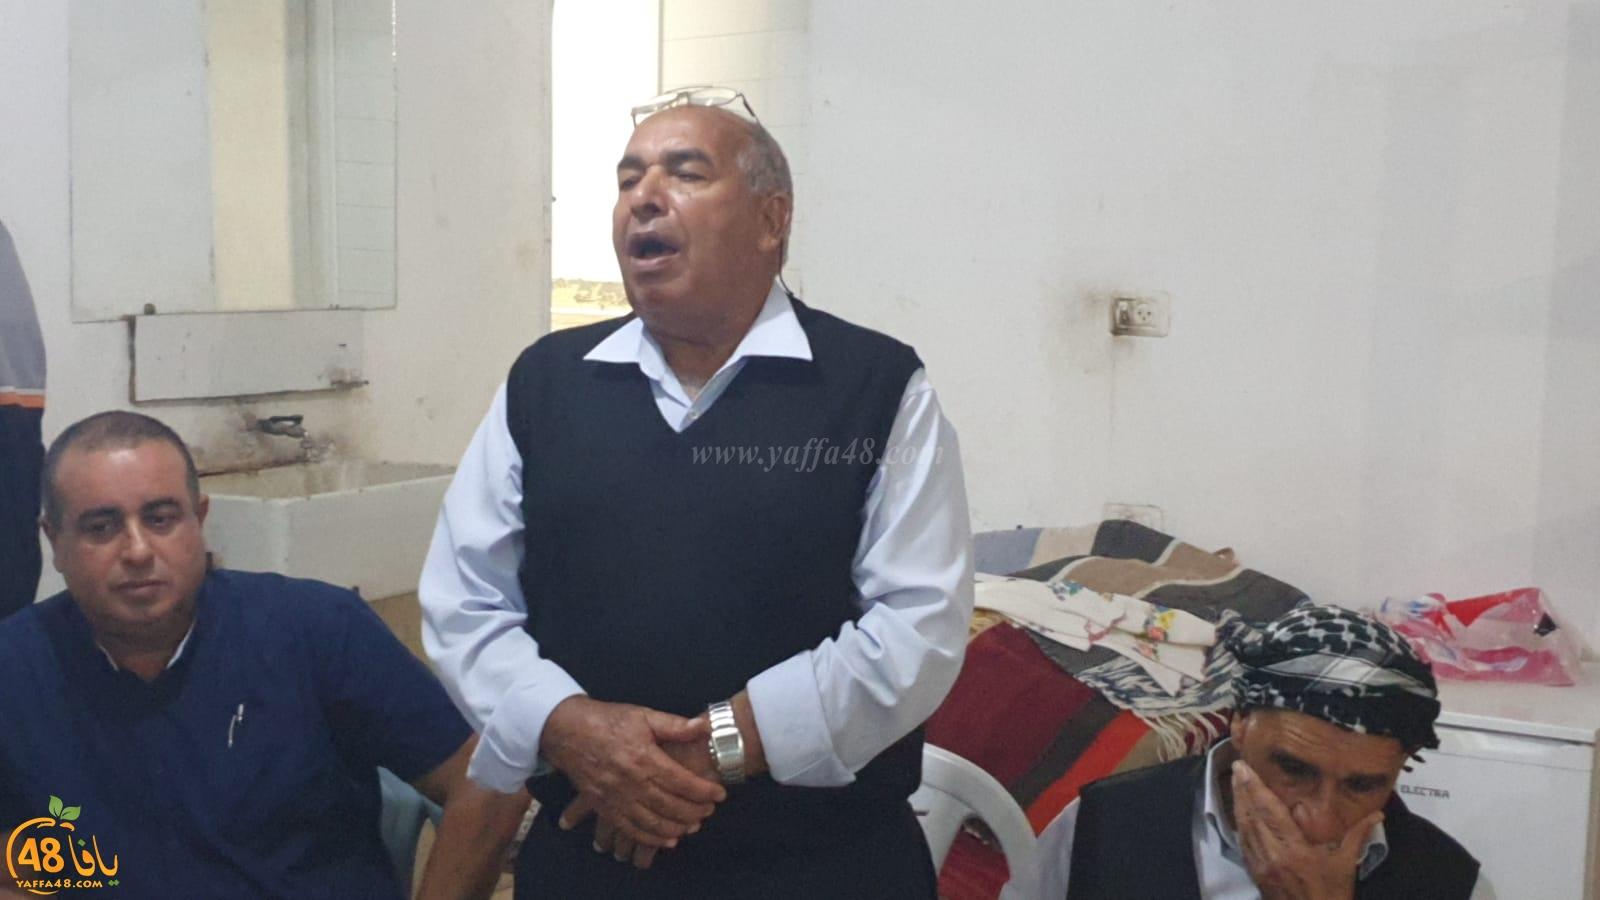 فيديو: عقد راية الصلح بين عائلتي مصراتي وأبو فرج من اللد